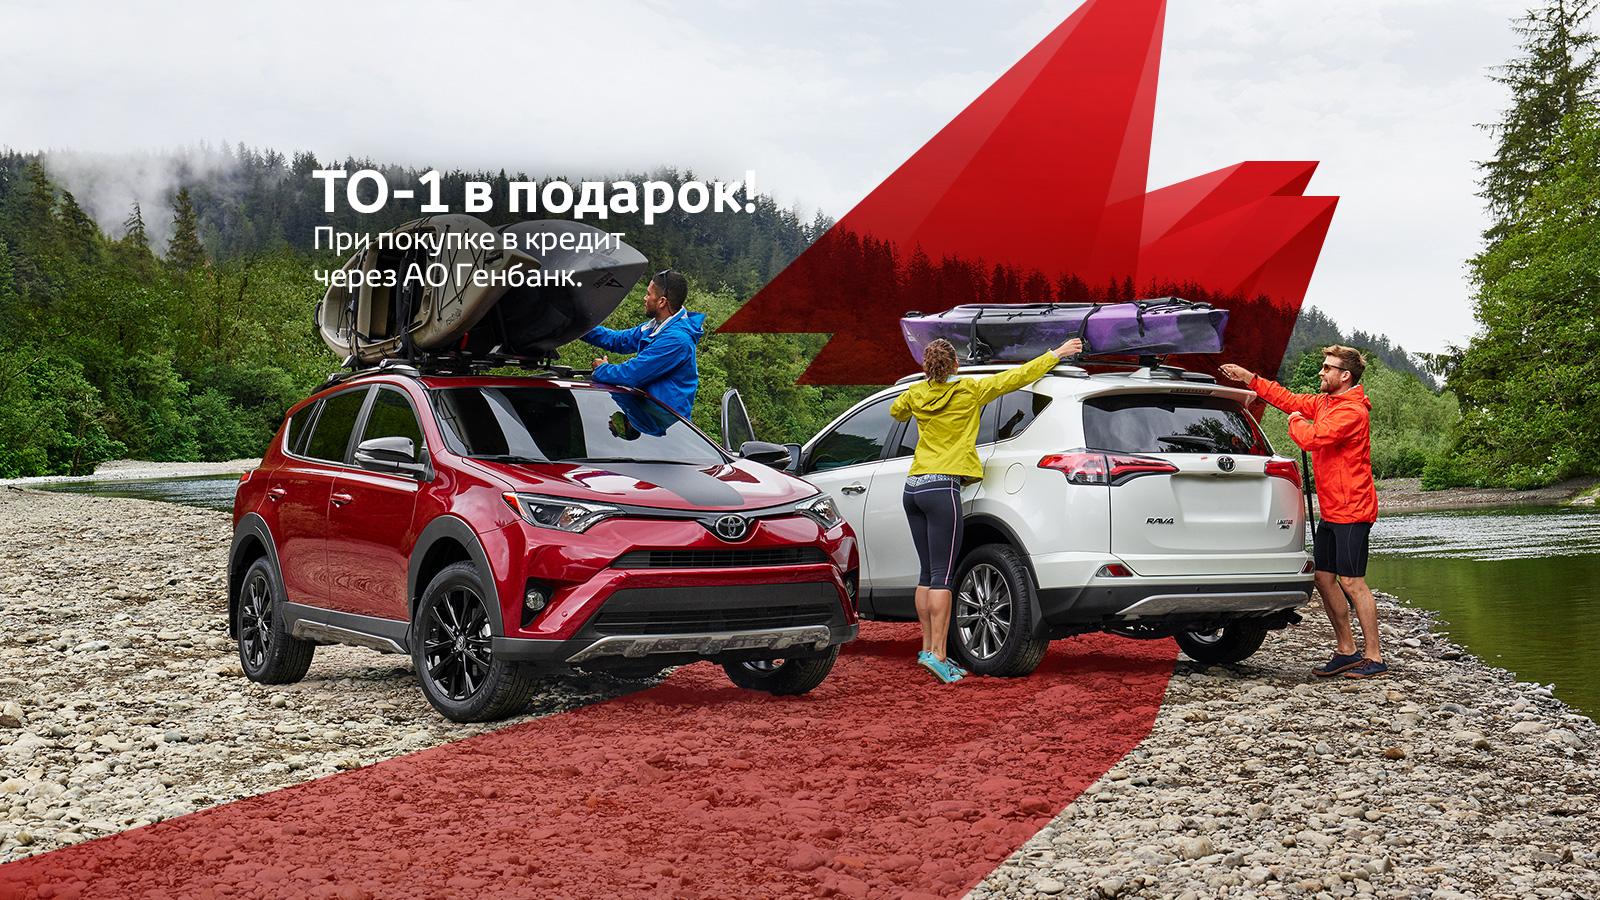 Краснодар подержанный авто в кредит